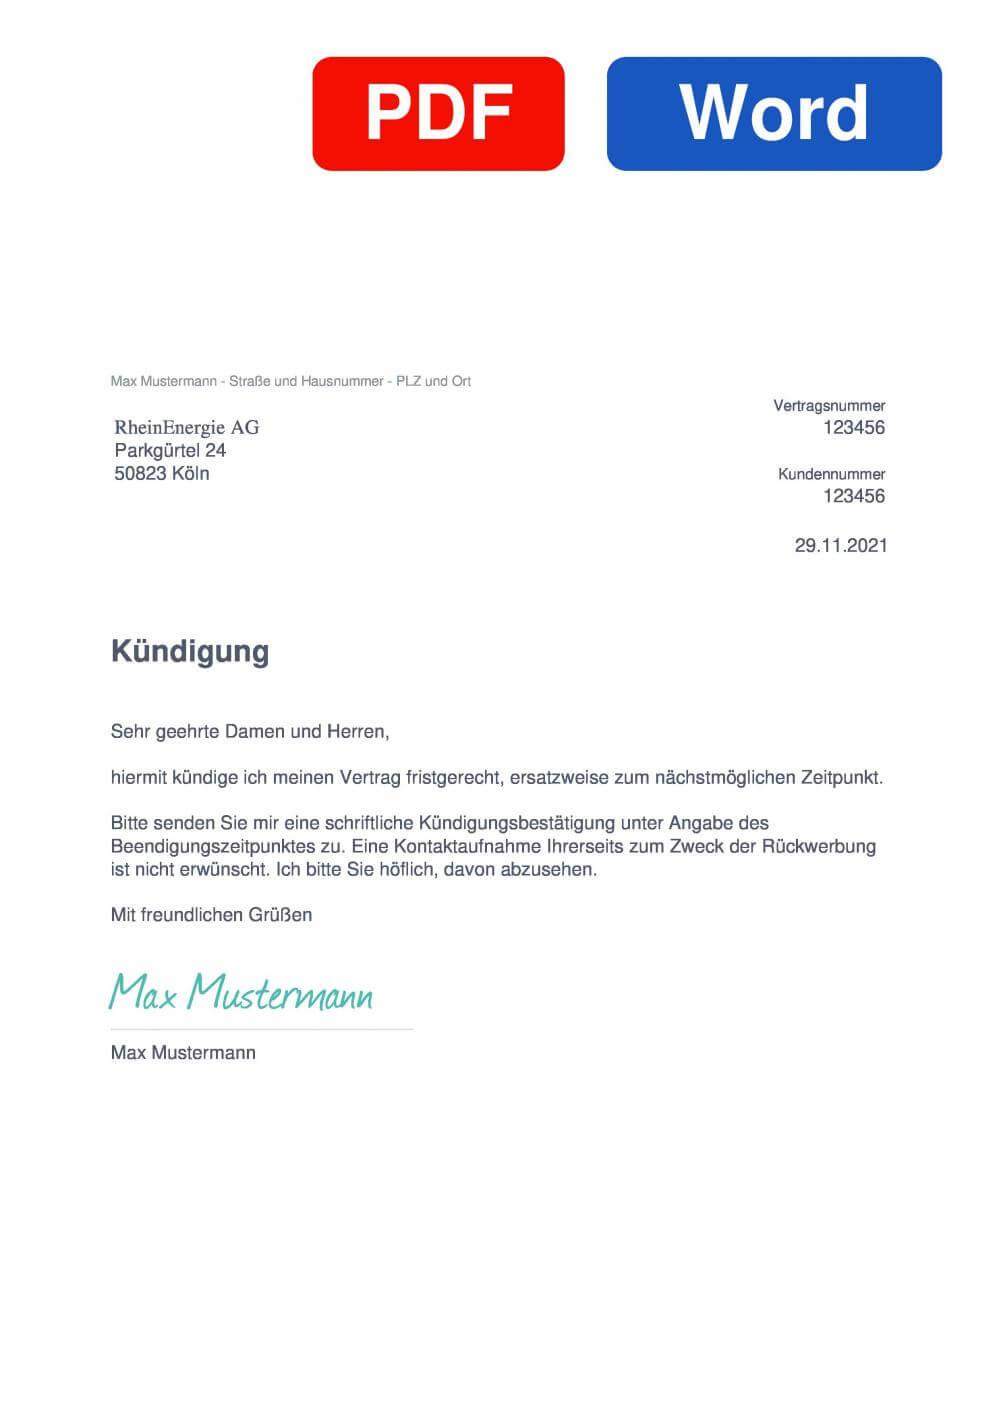 RheinEnergie Express Muster Vorlage für Kündigungsschreiben